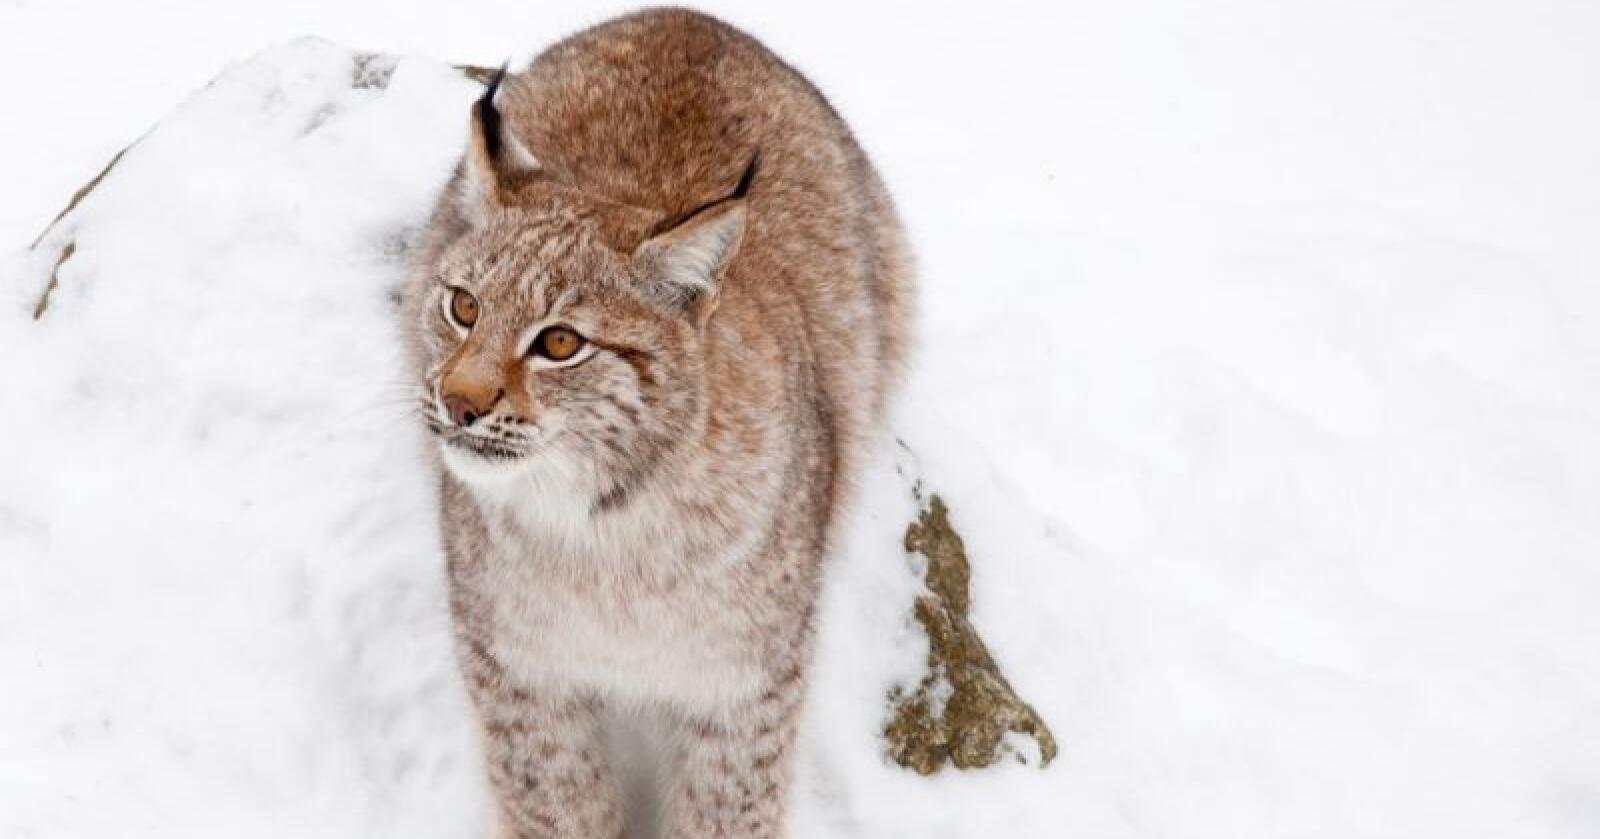 Jakta på gaupe vil bli gjenåpnet i regionen i sørøstlige deler av Norge lørdag. Foto: Colourbox